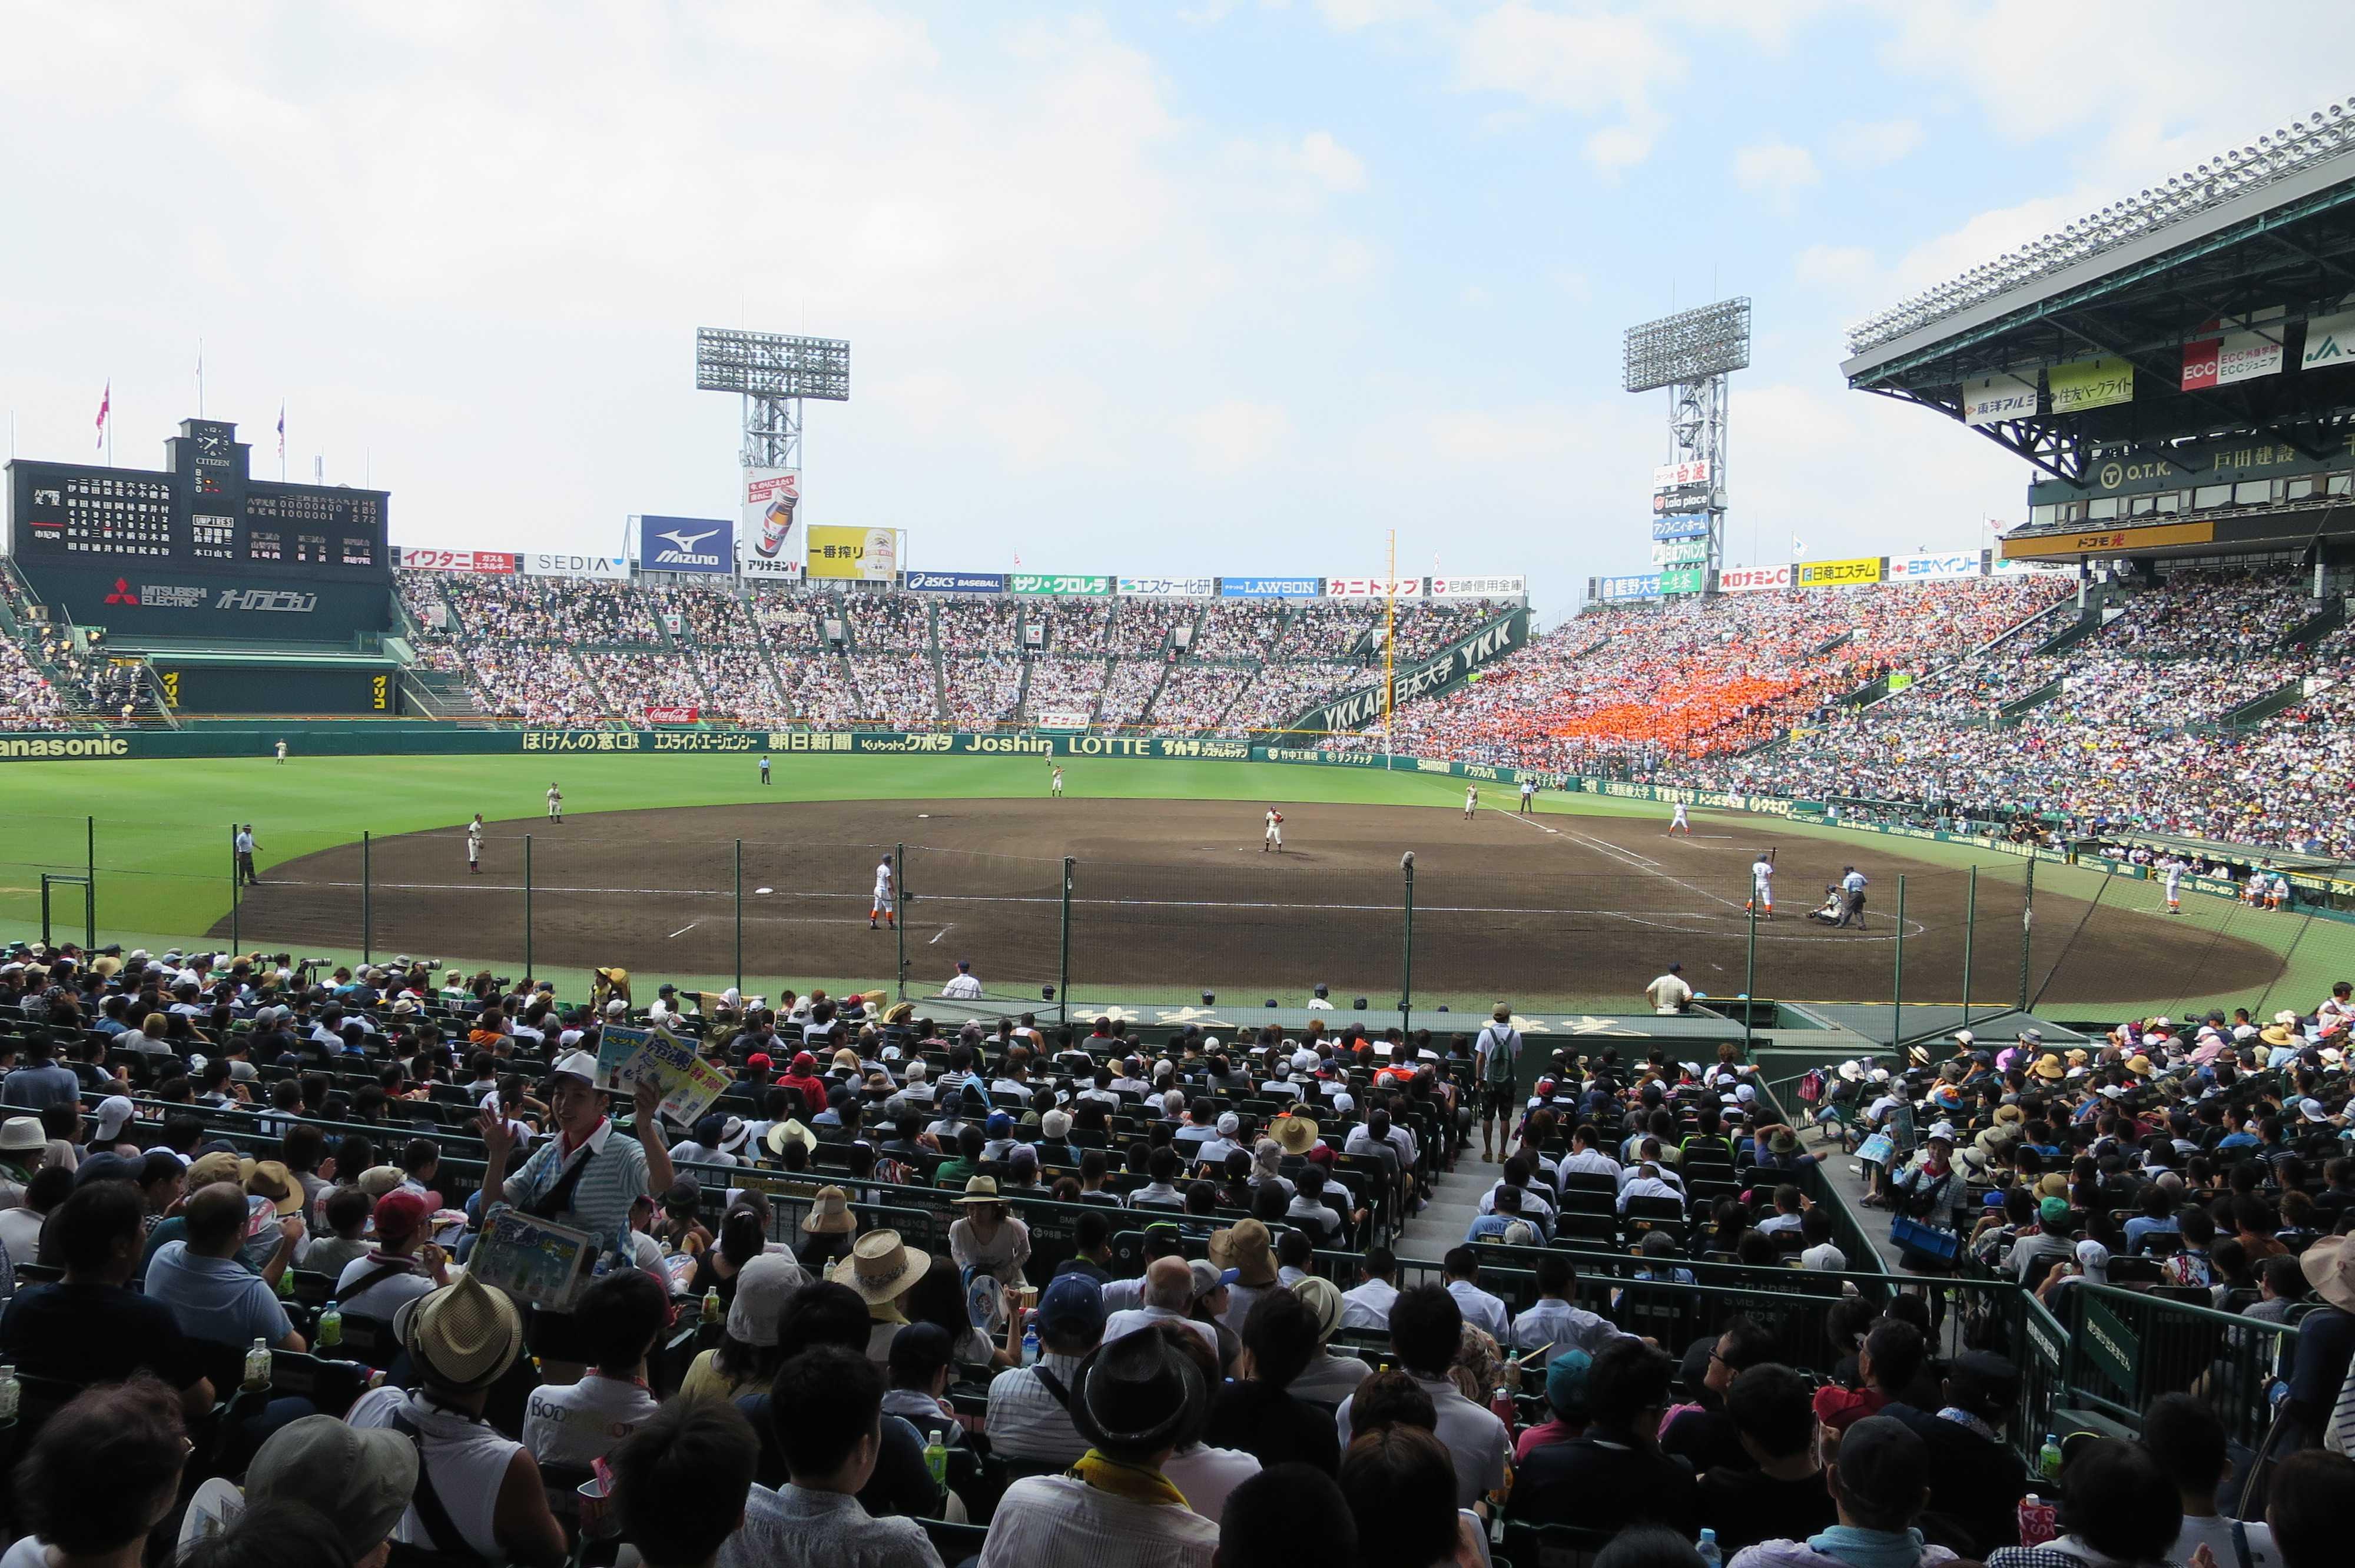 高校野球 - 阪神甲子園球場 3塁側内野席